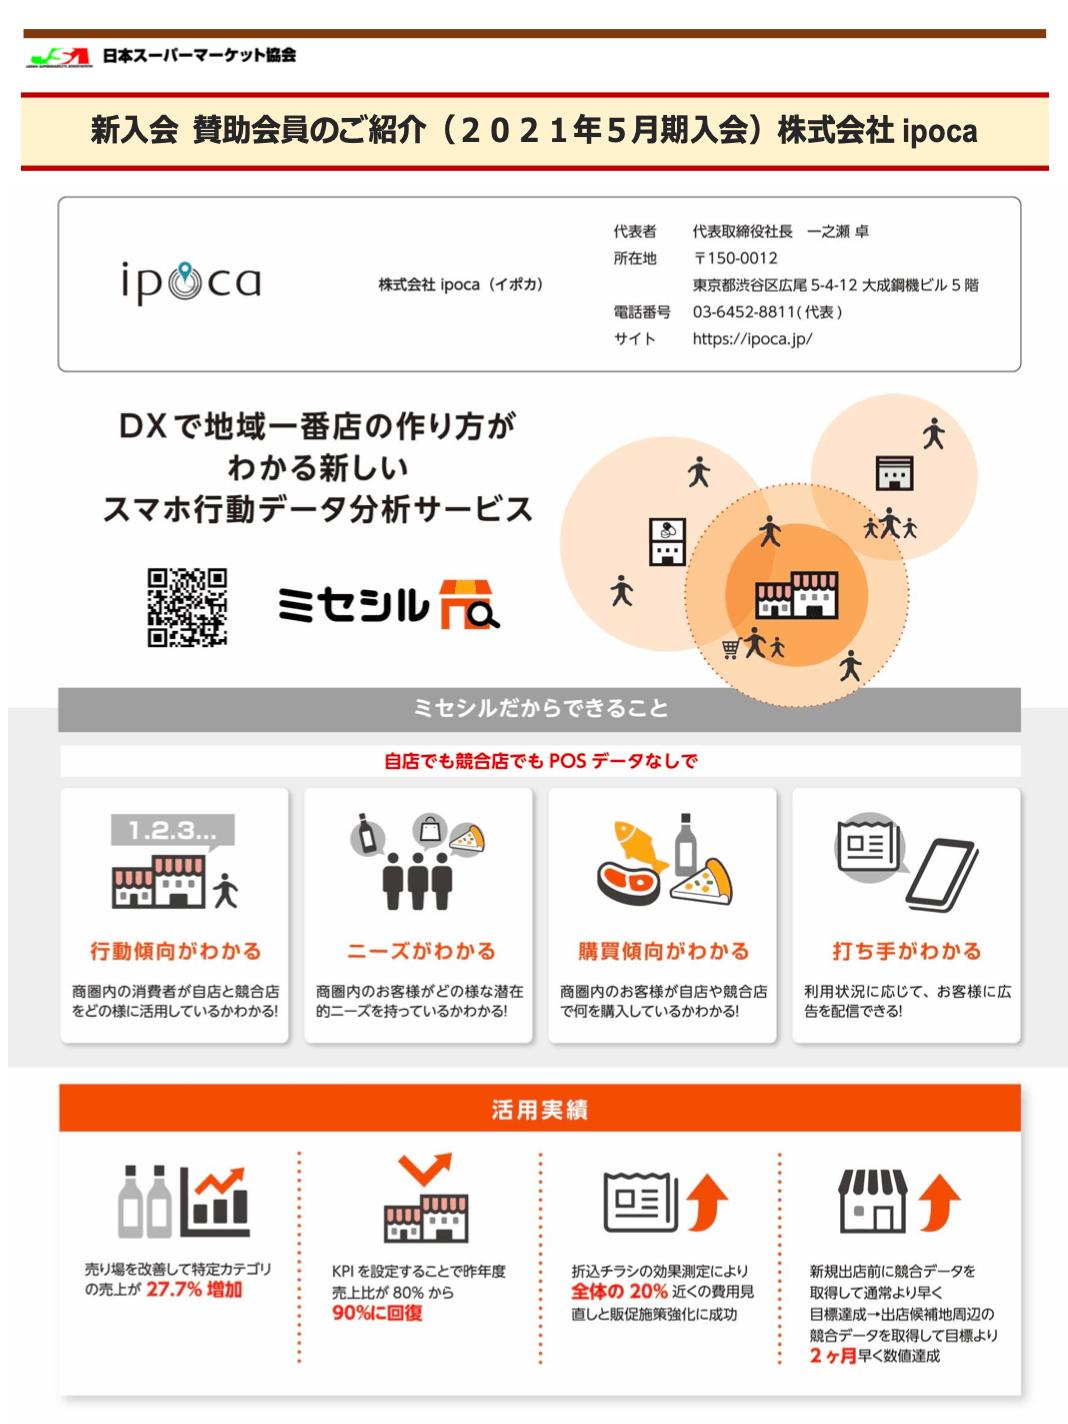 日本スーパーマーケット協会の会員向け月刊紙「JSA EXPRESS」に ipocaの情報が掲載されました